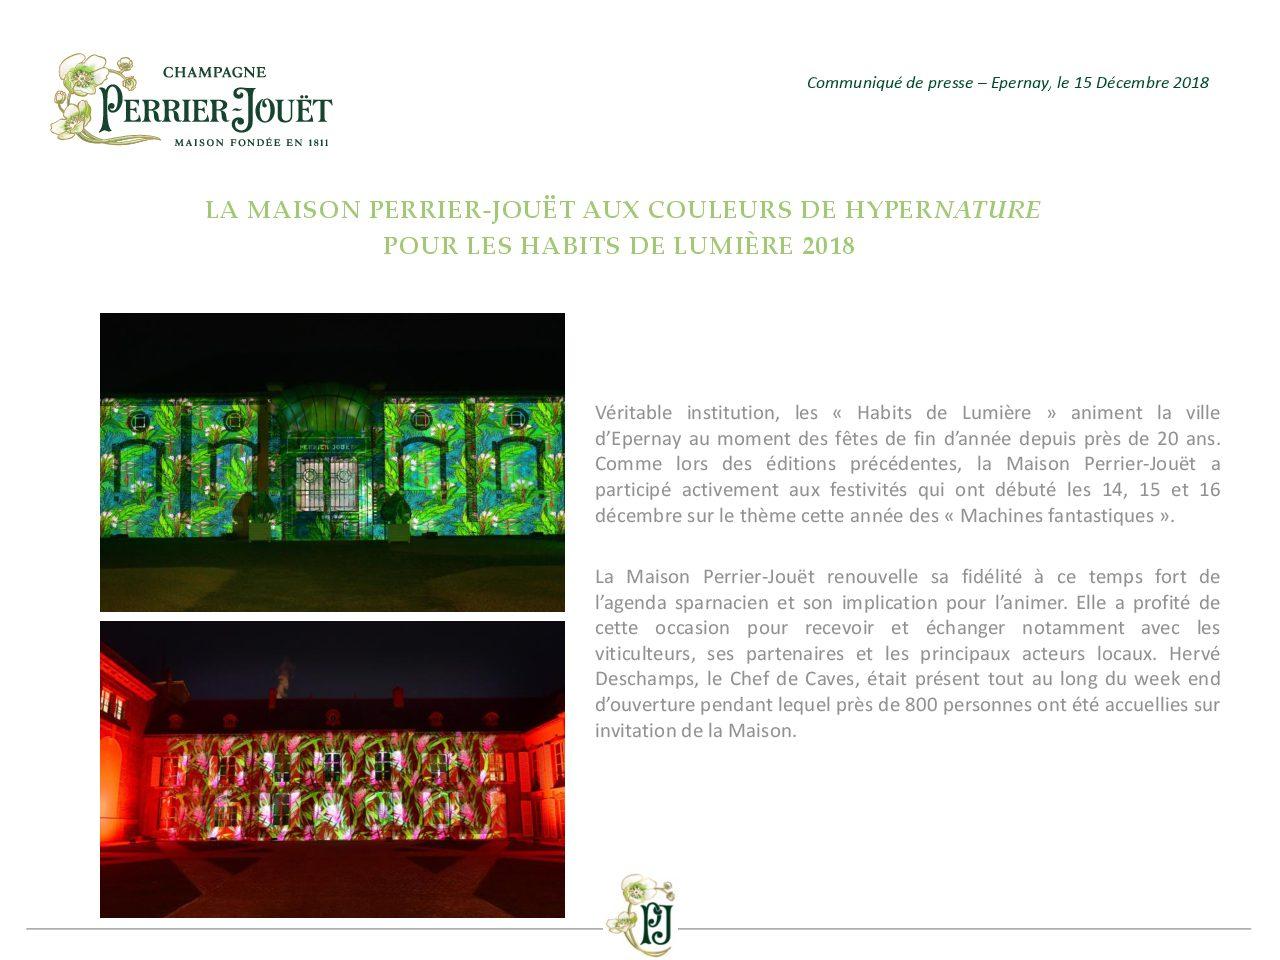 La Maison Perrier-Jouet aux couleurs de HyperNature pour les Habits de Lumiere 2018 -pdf